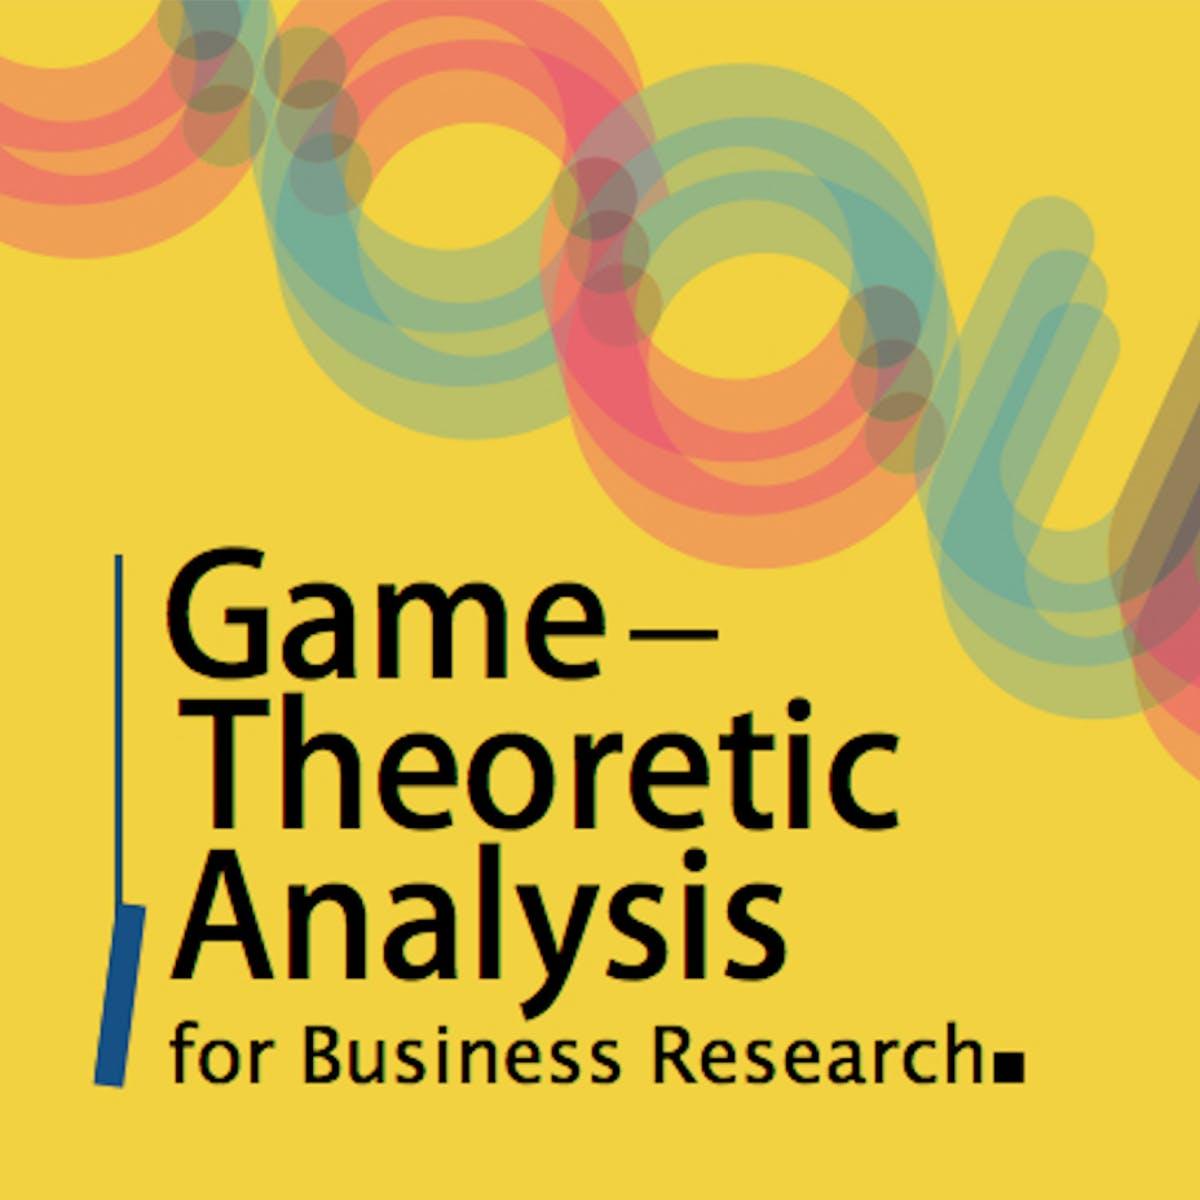 商管研究中的賽局分析:通路選擇、合約制定與共享經濟